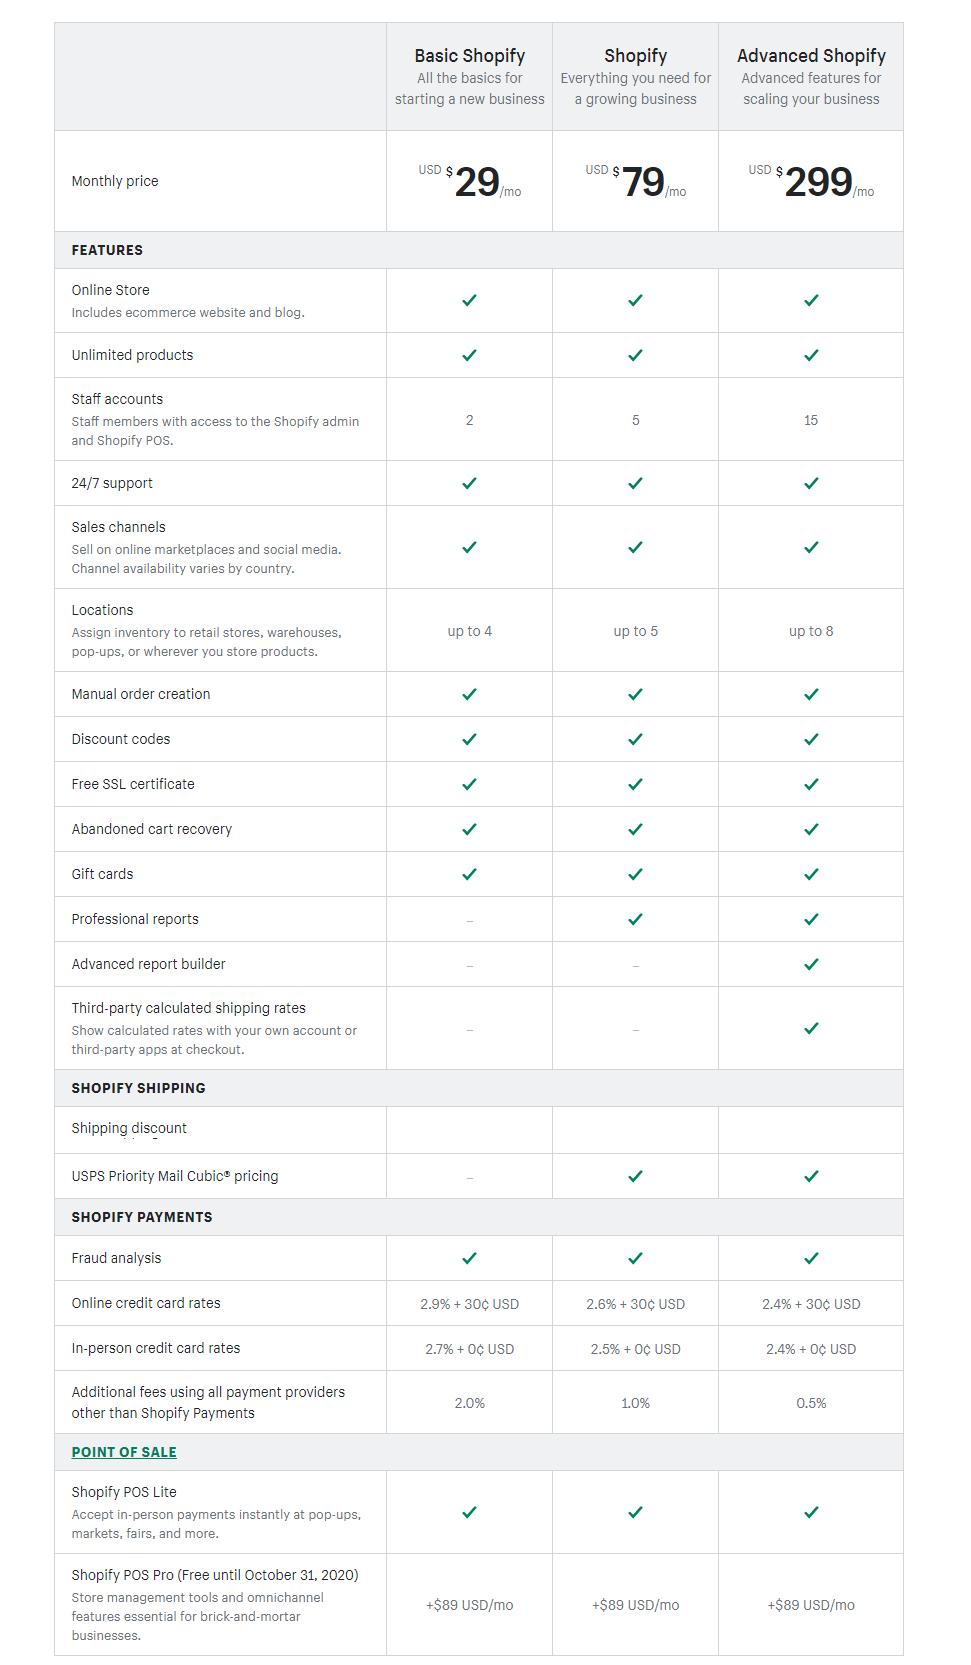 Shopify Plan Details